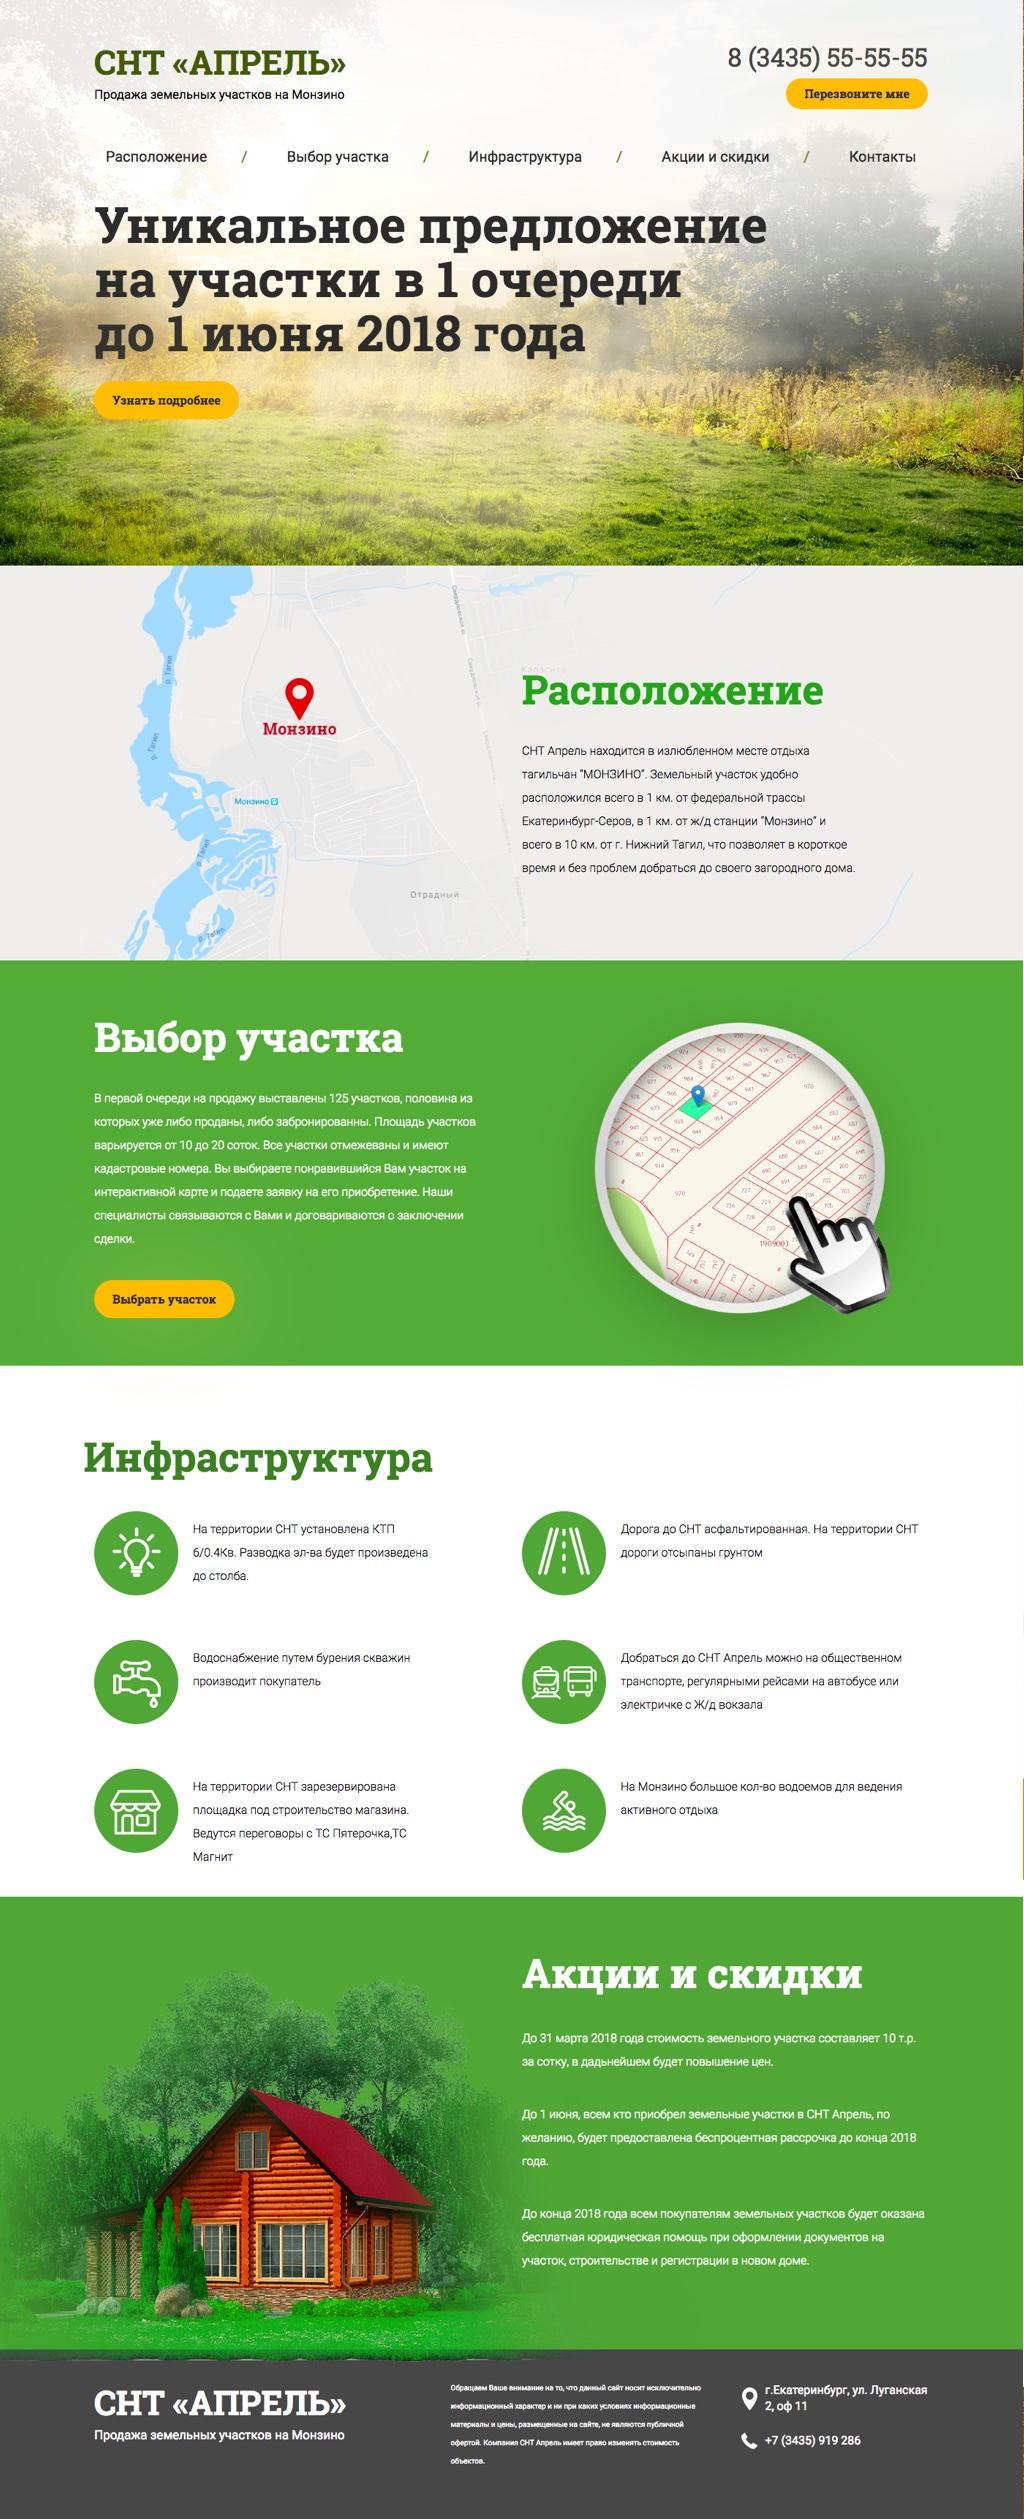 Лендинг по продаже участков СНТ Апрель